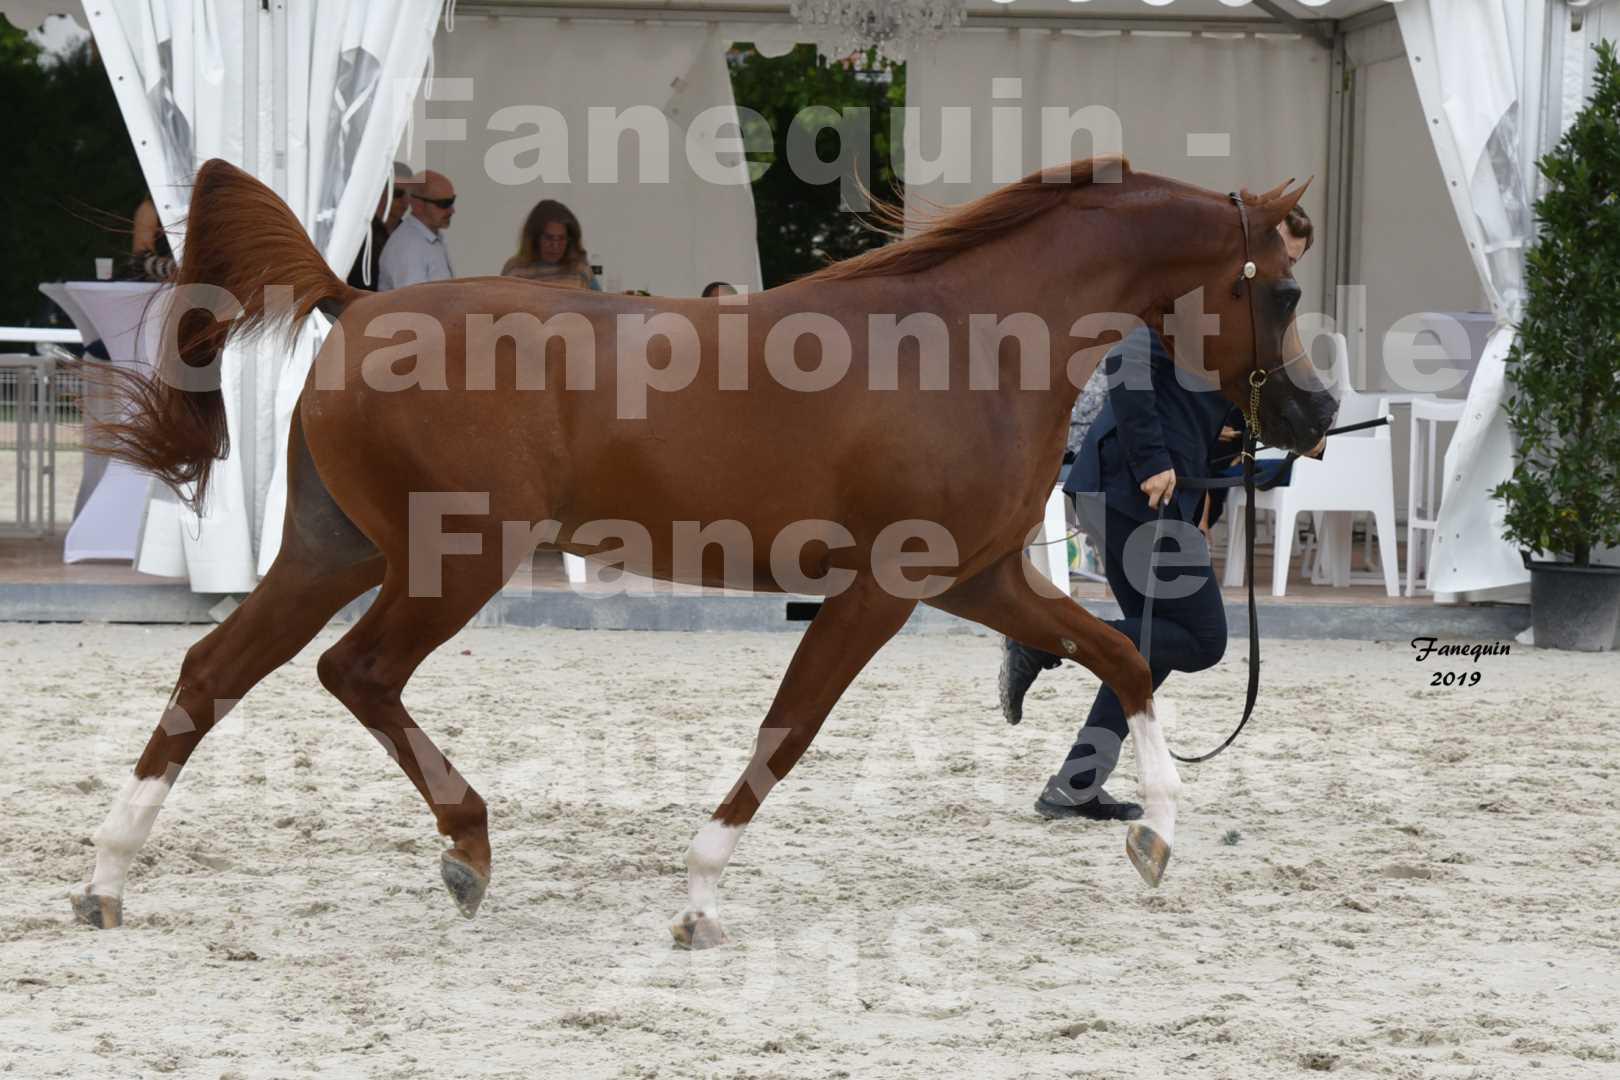 Championnat de France des chevaux Arabes en 2019 à VICHY - DZHARI NUNKI - 4